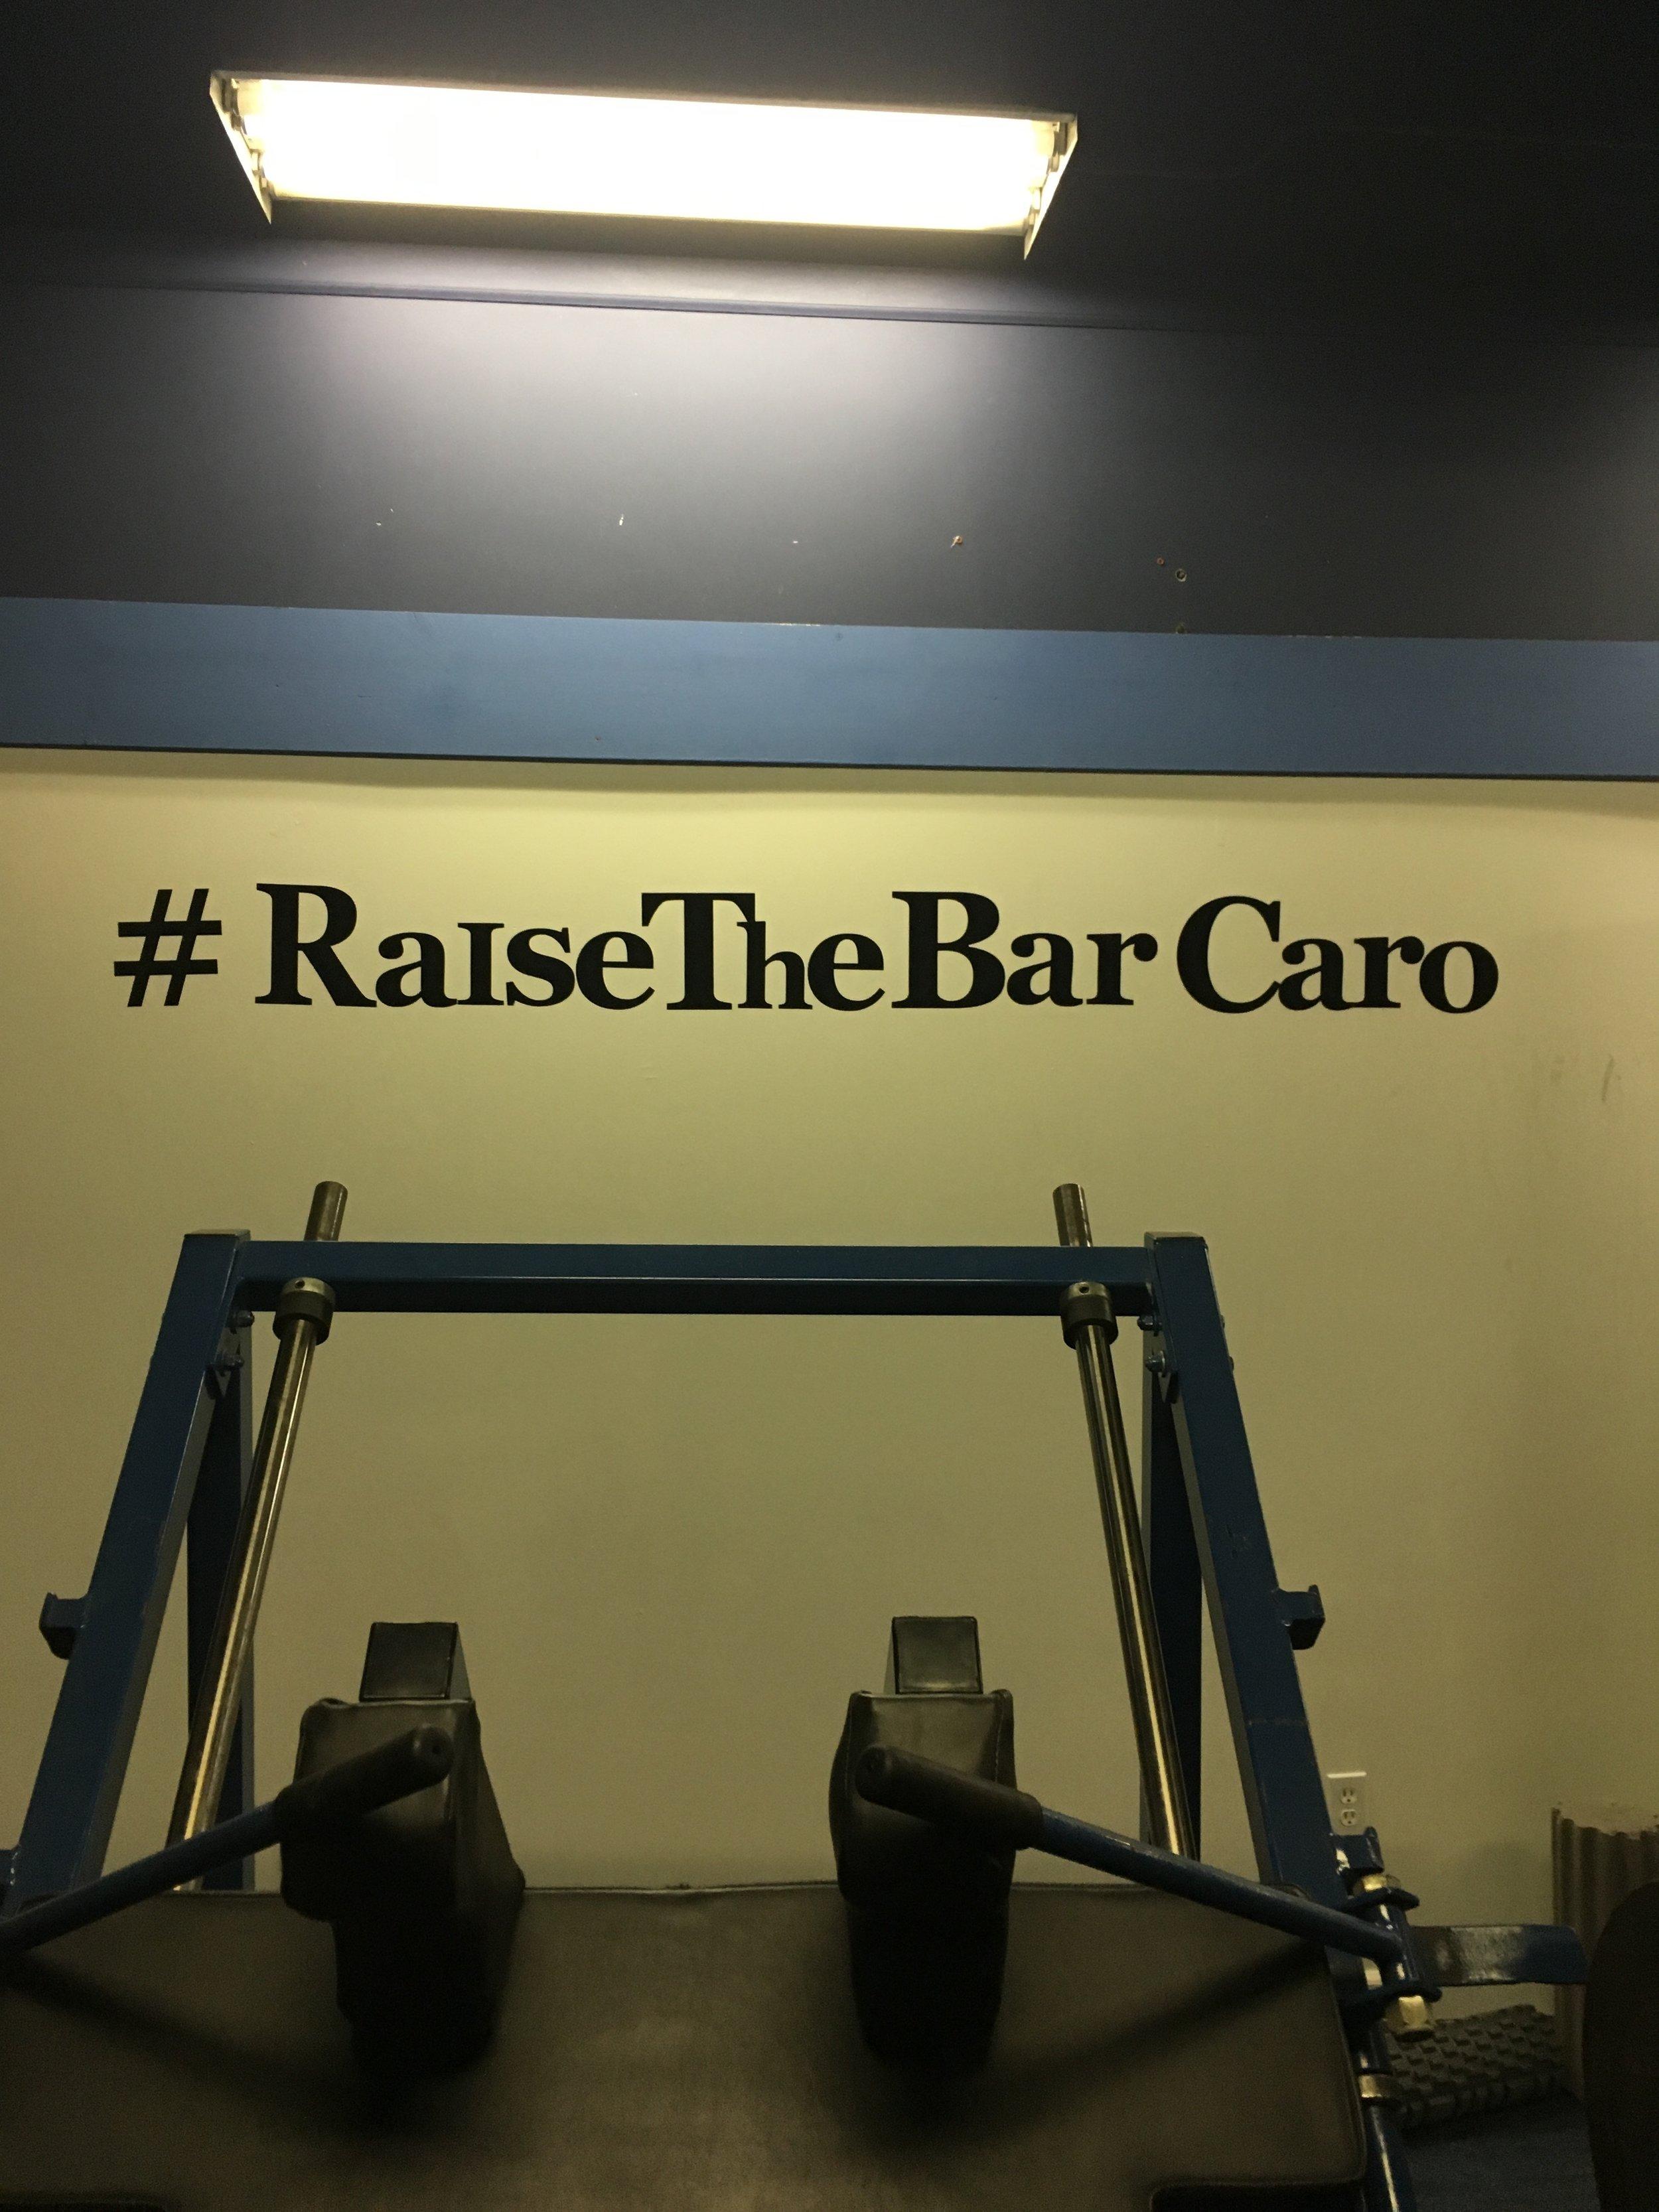 Raise the Bar Caro.JPG